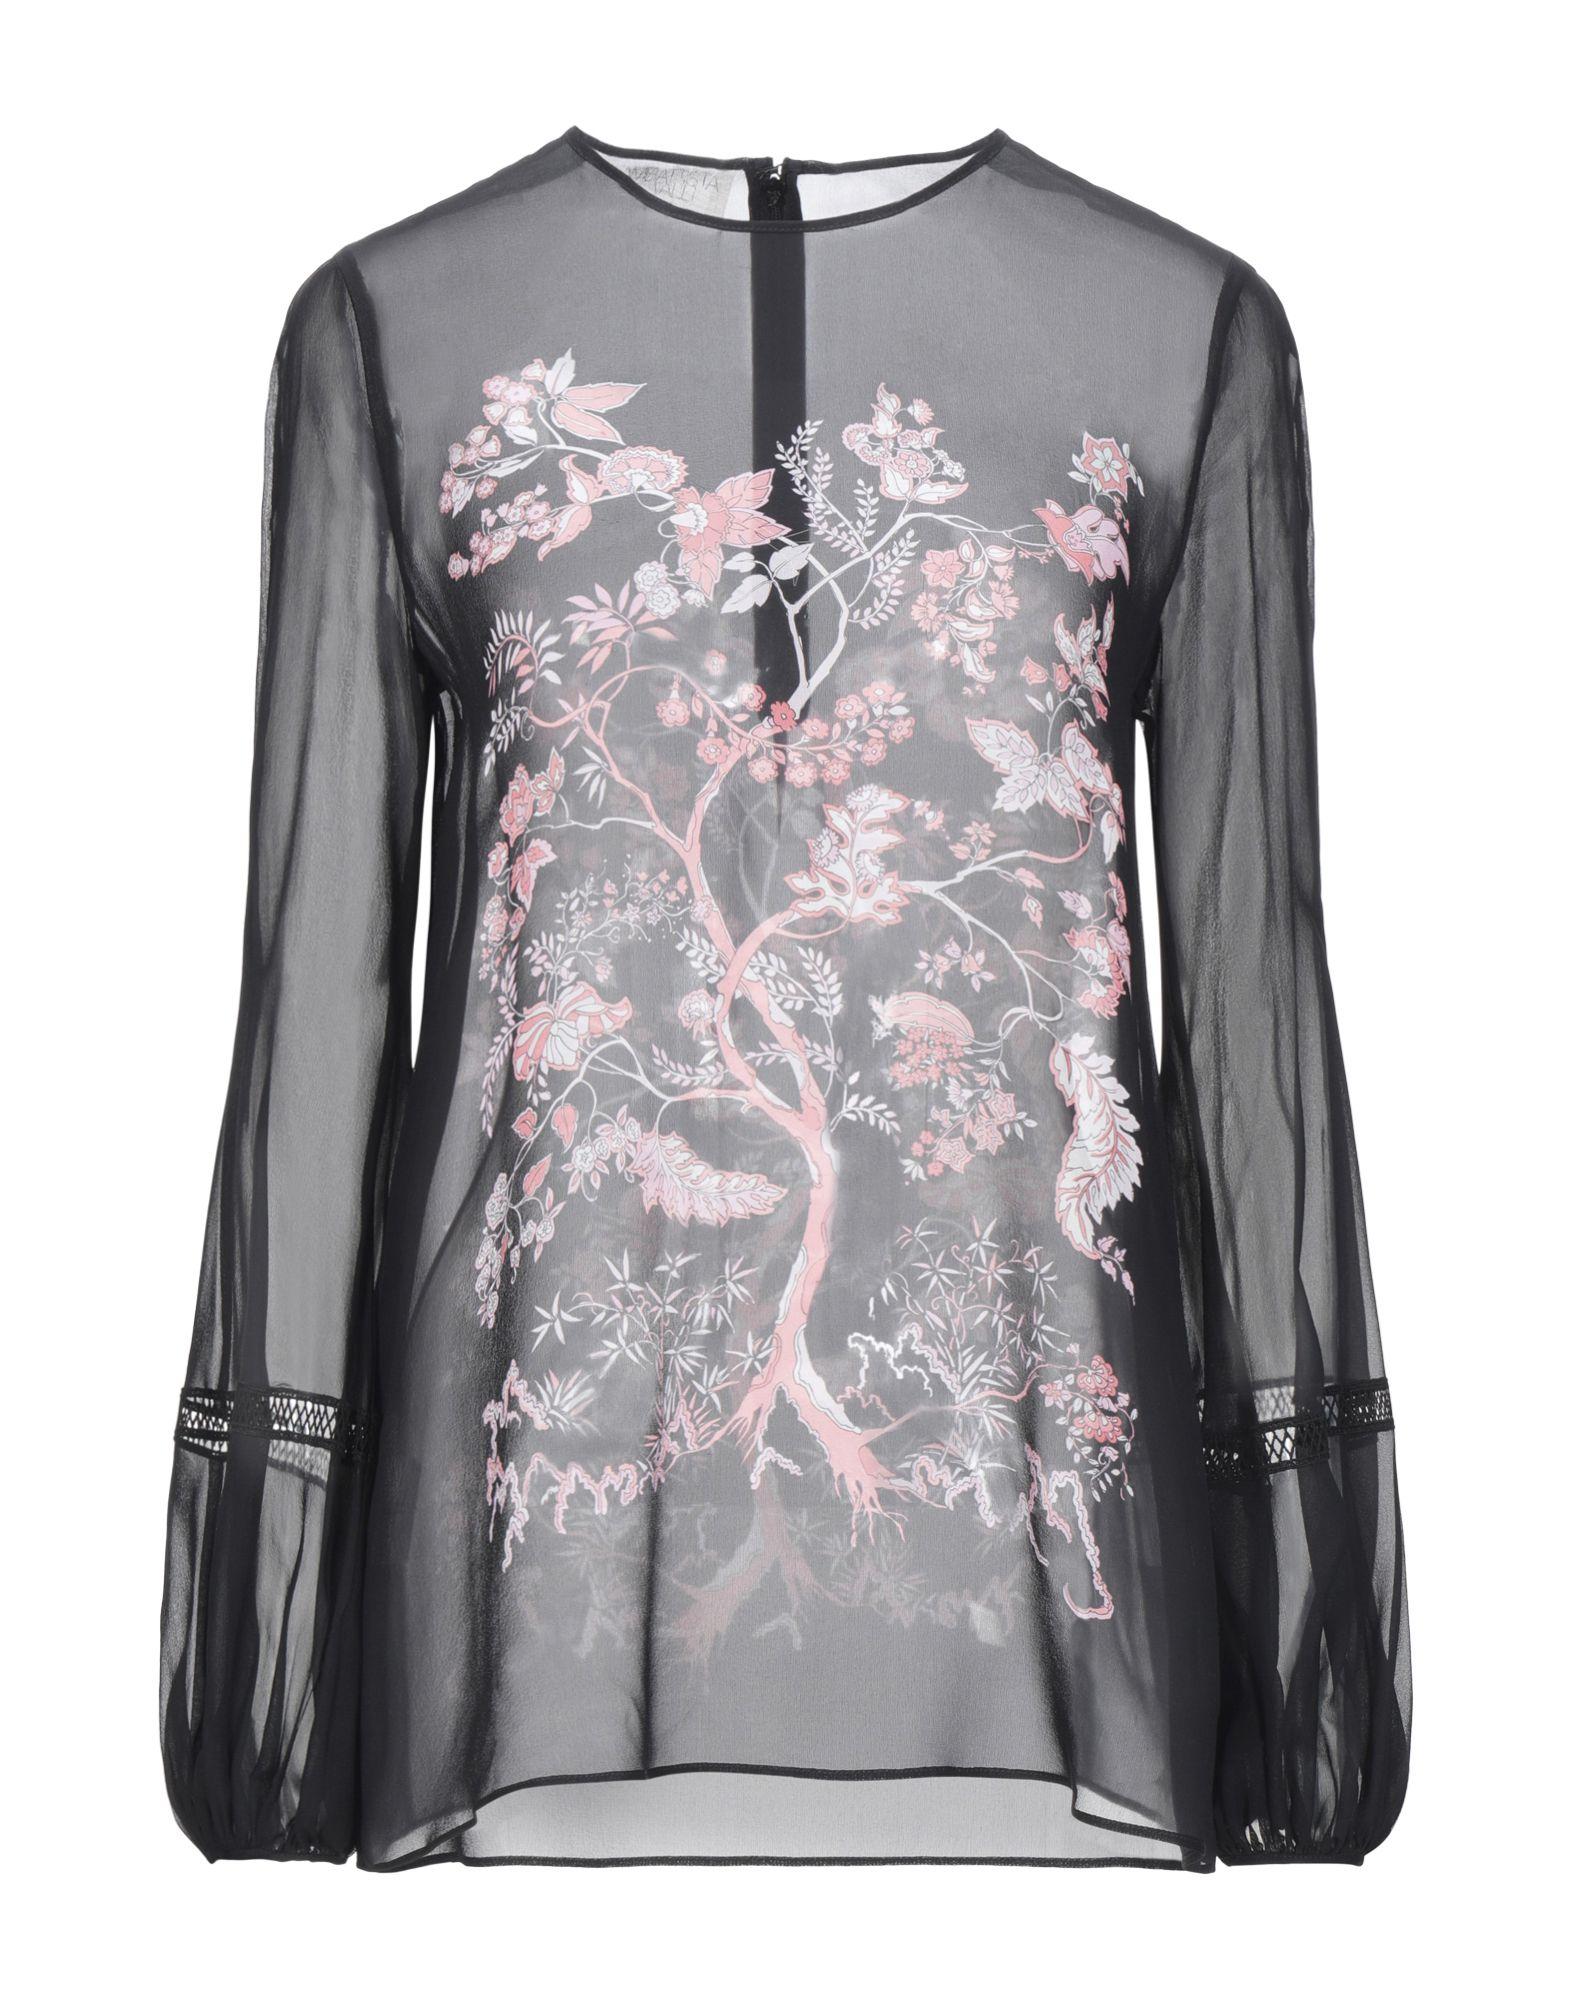 GIAMBATTISTA VALLI Блузка шифоновая блузка в цветочный принт